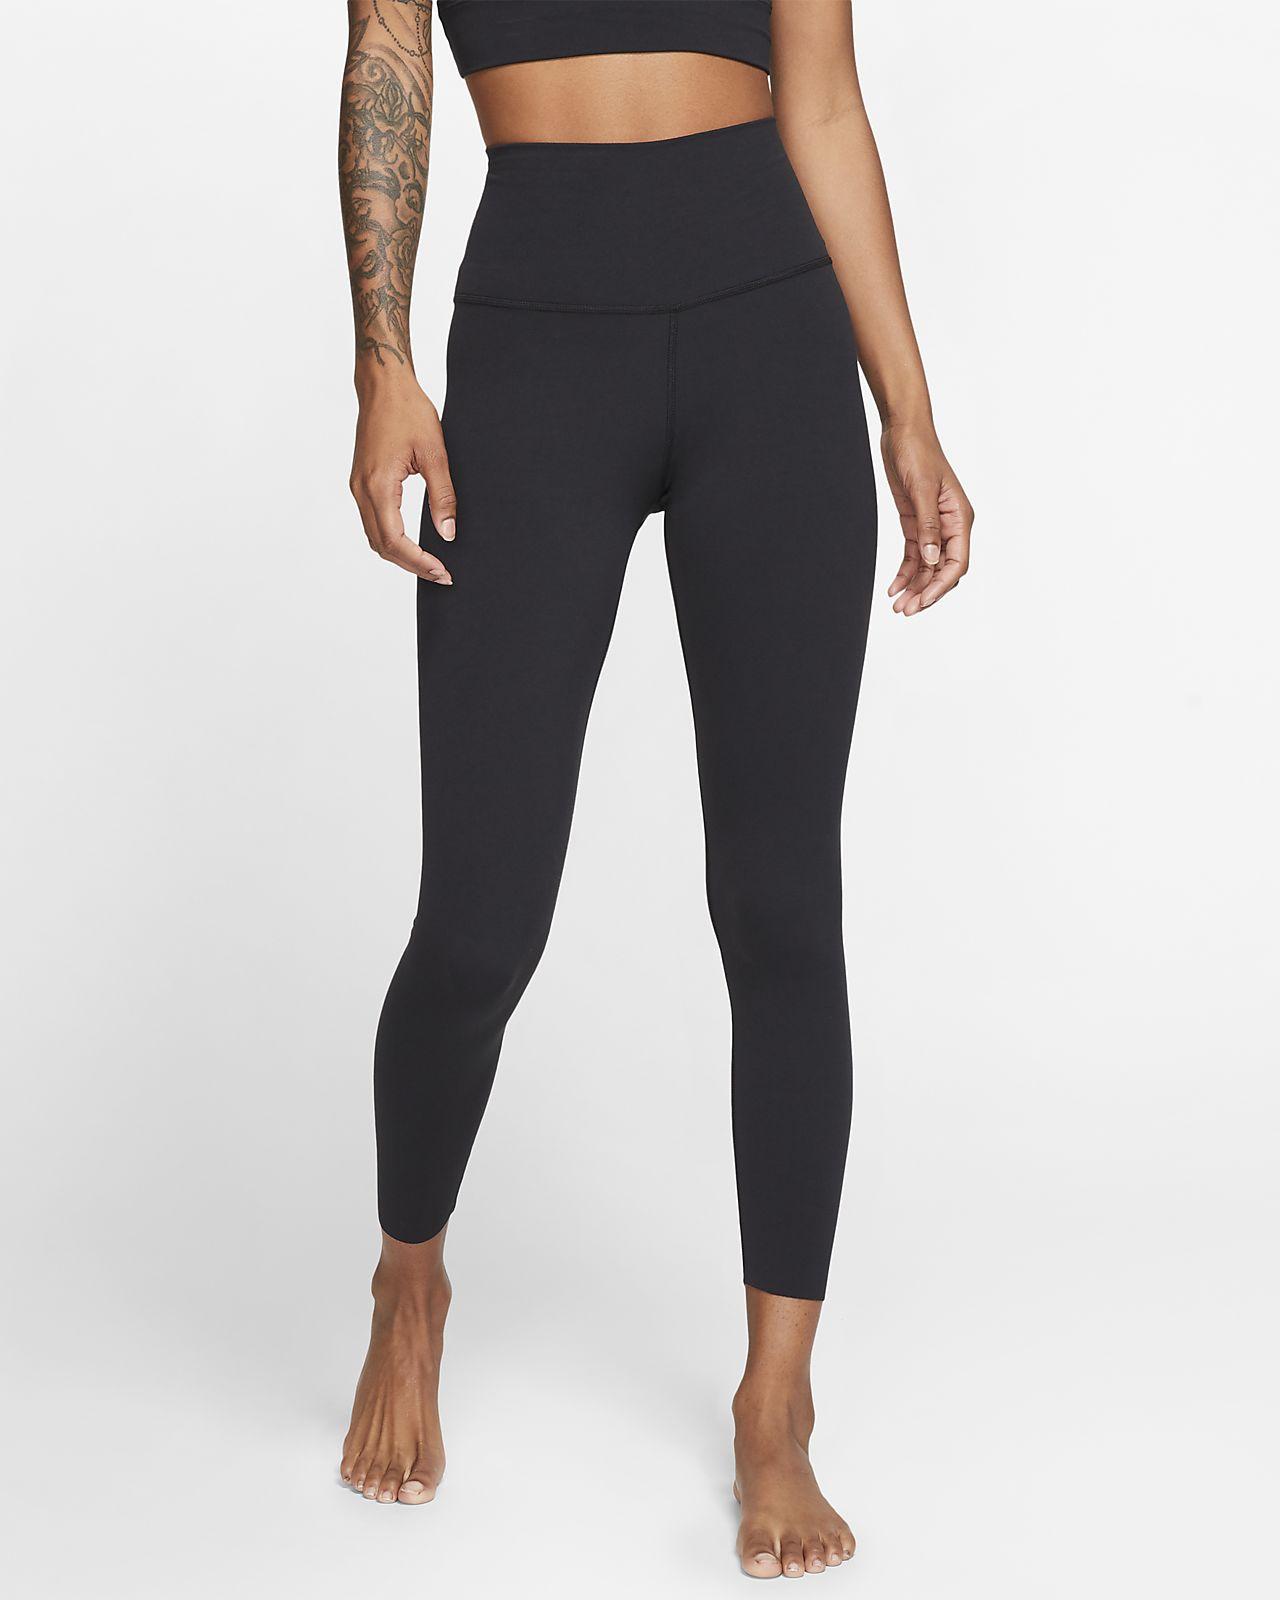 leggings nike donna 7/8